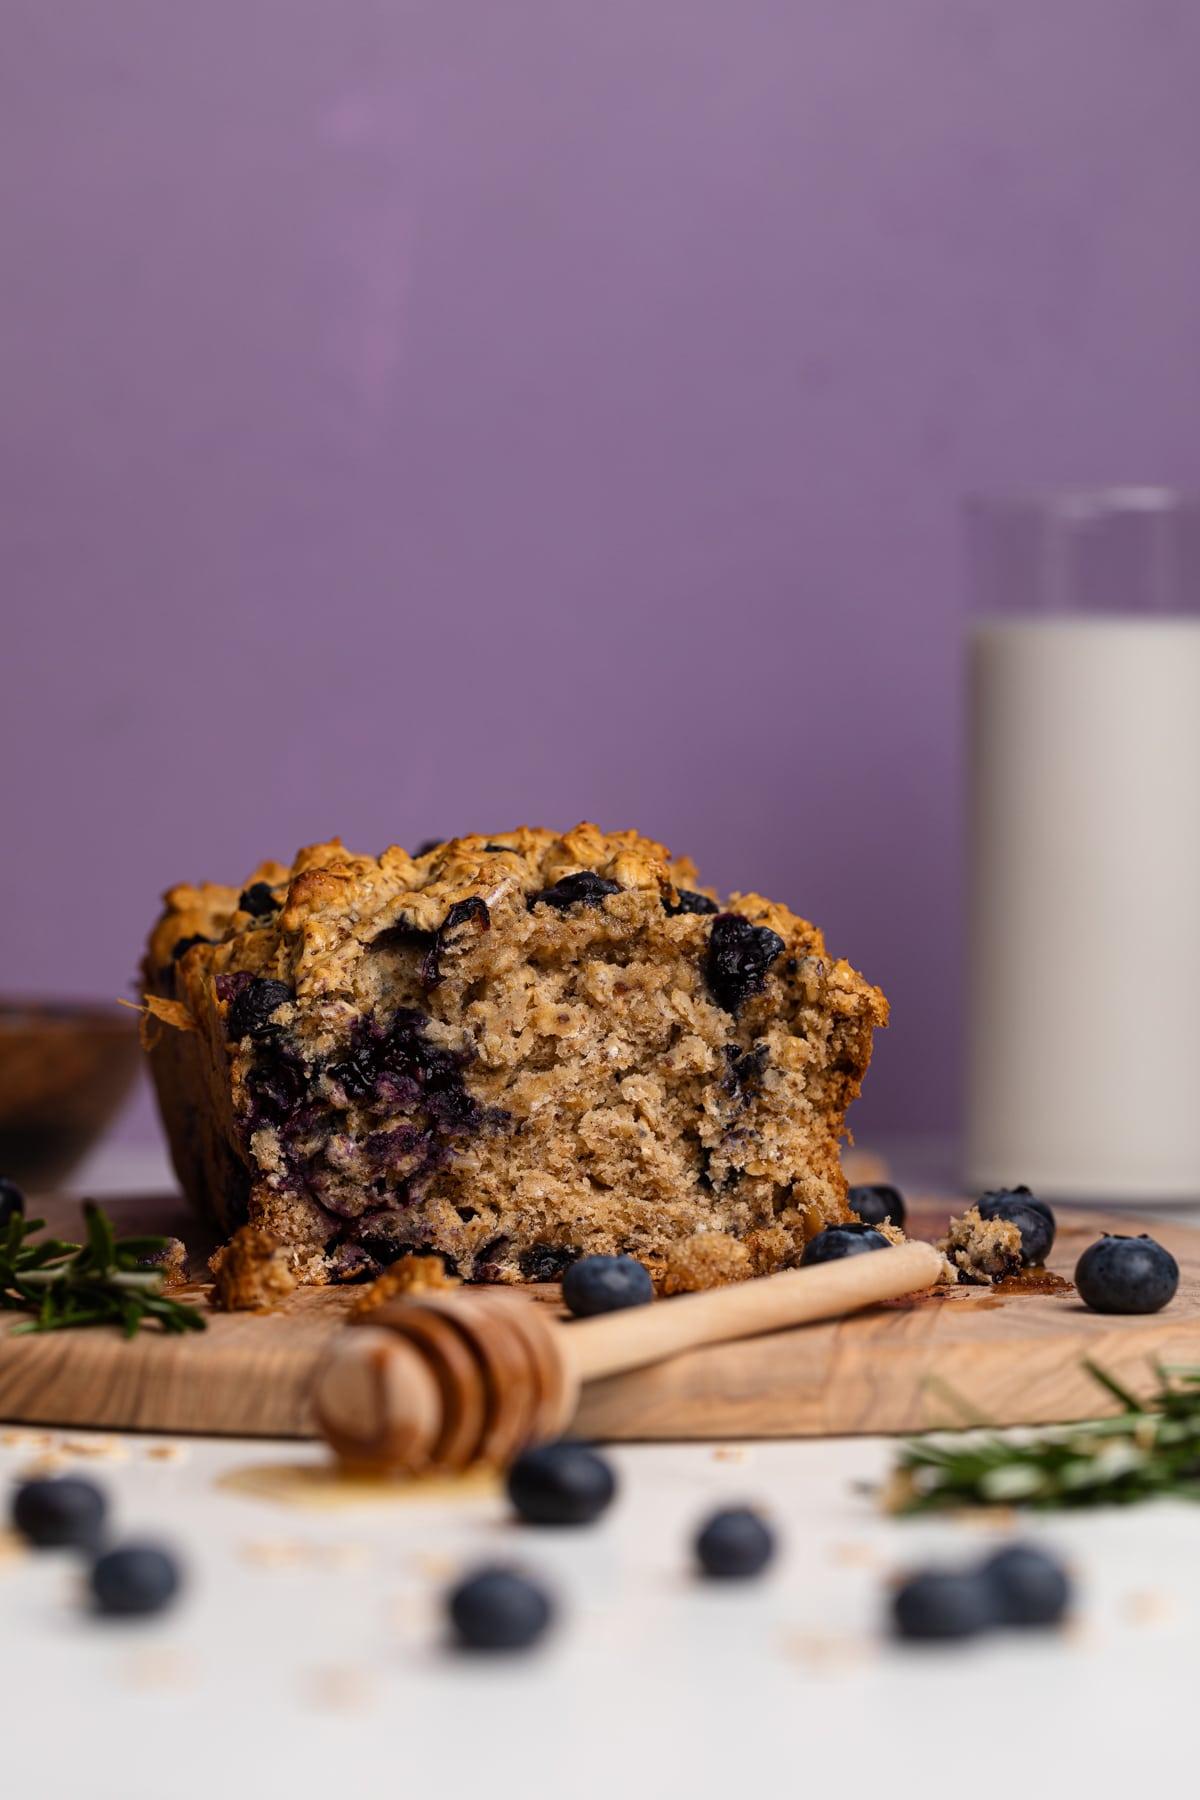 Healthy Blueberry Oatmeal Breakfast Bread cut in half on a cutting board